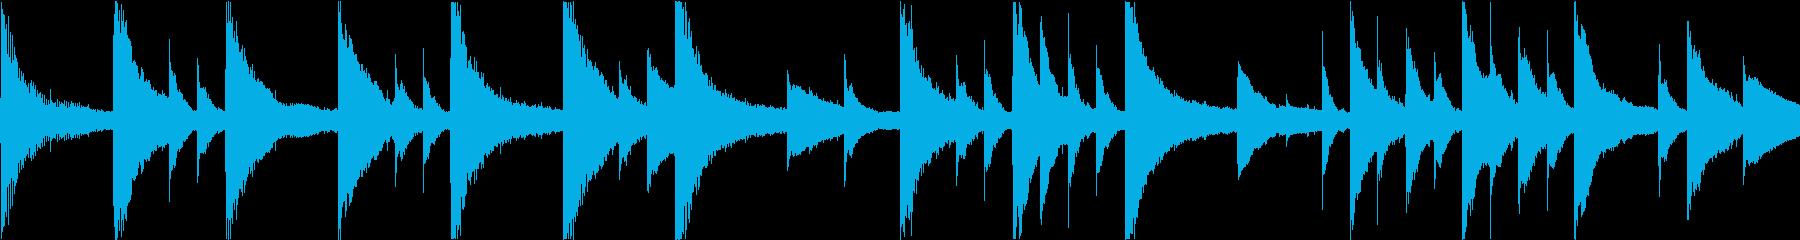 静かで切ないピアノアンビエントの再生済みの波形